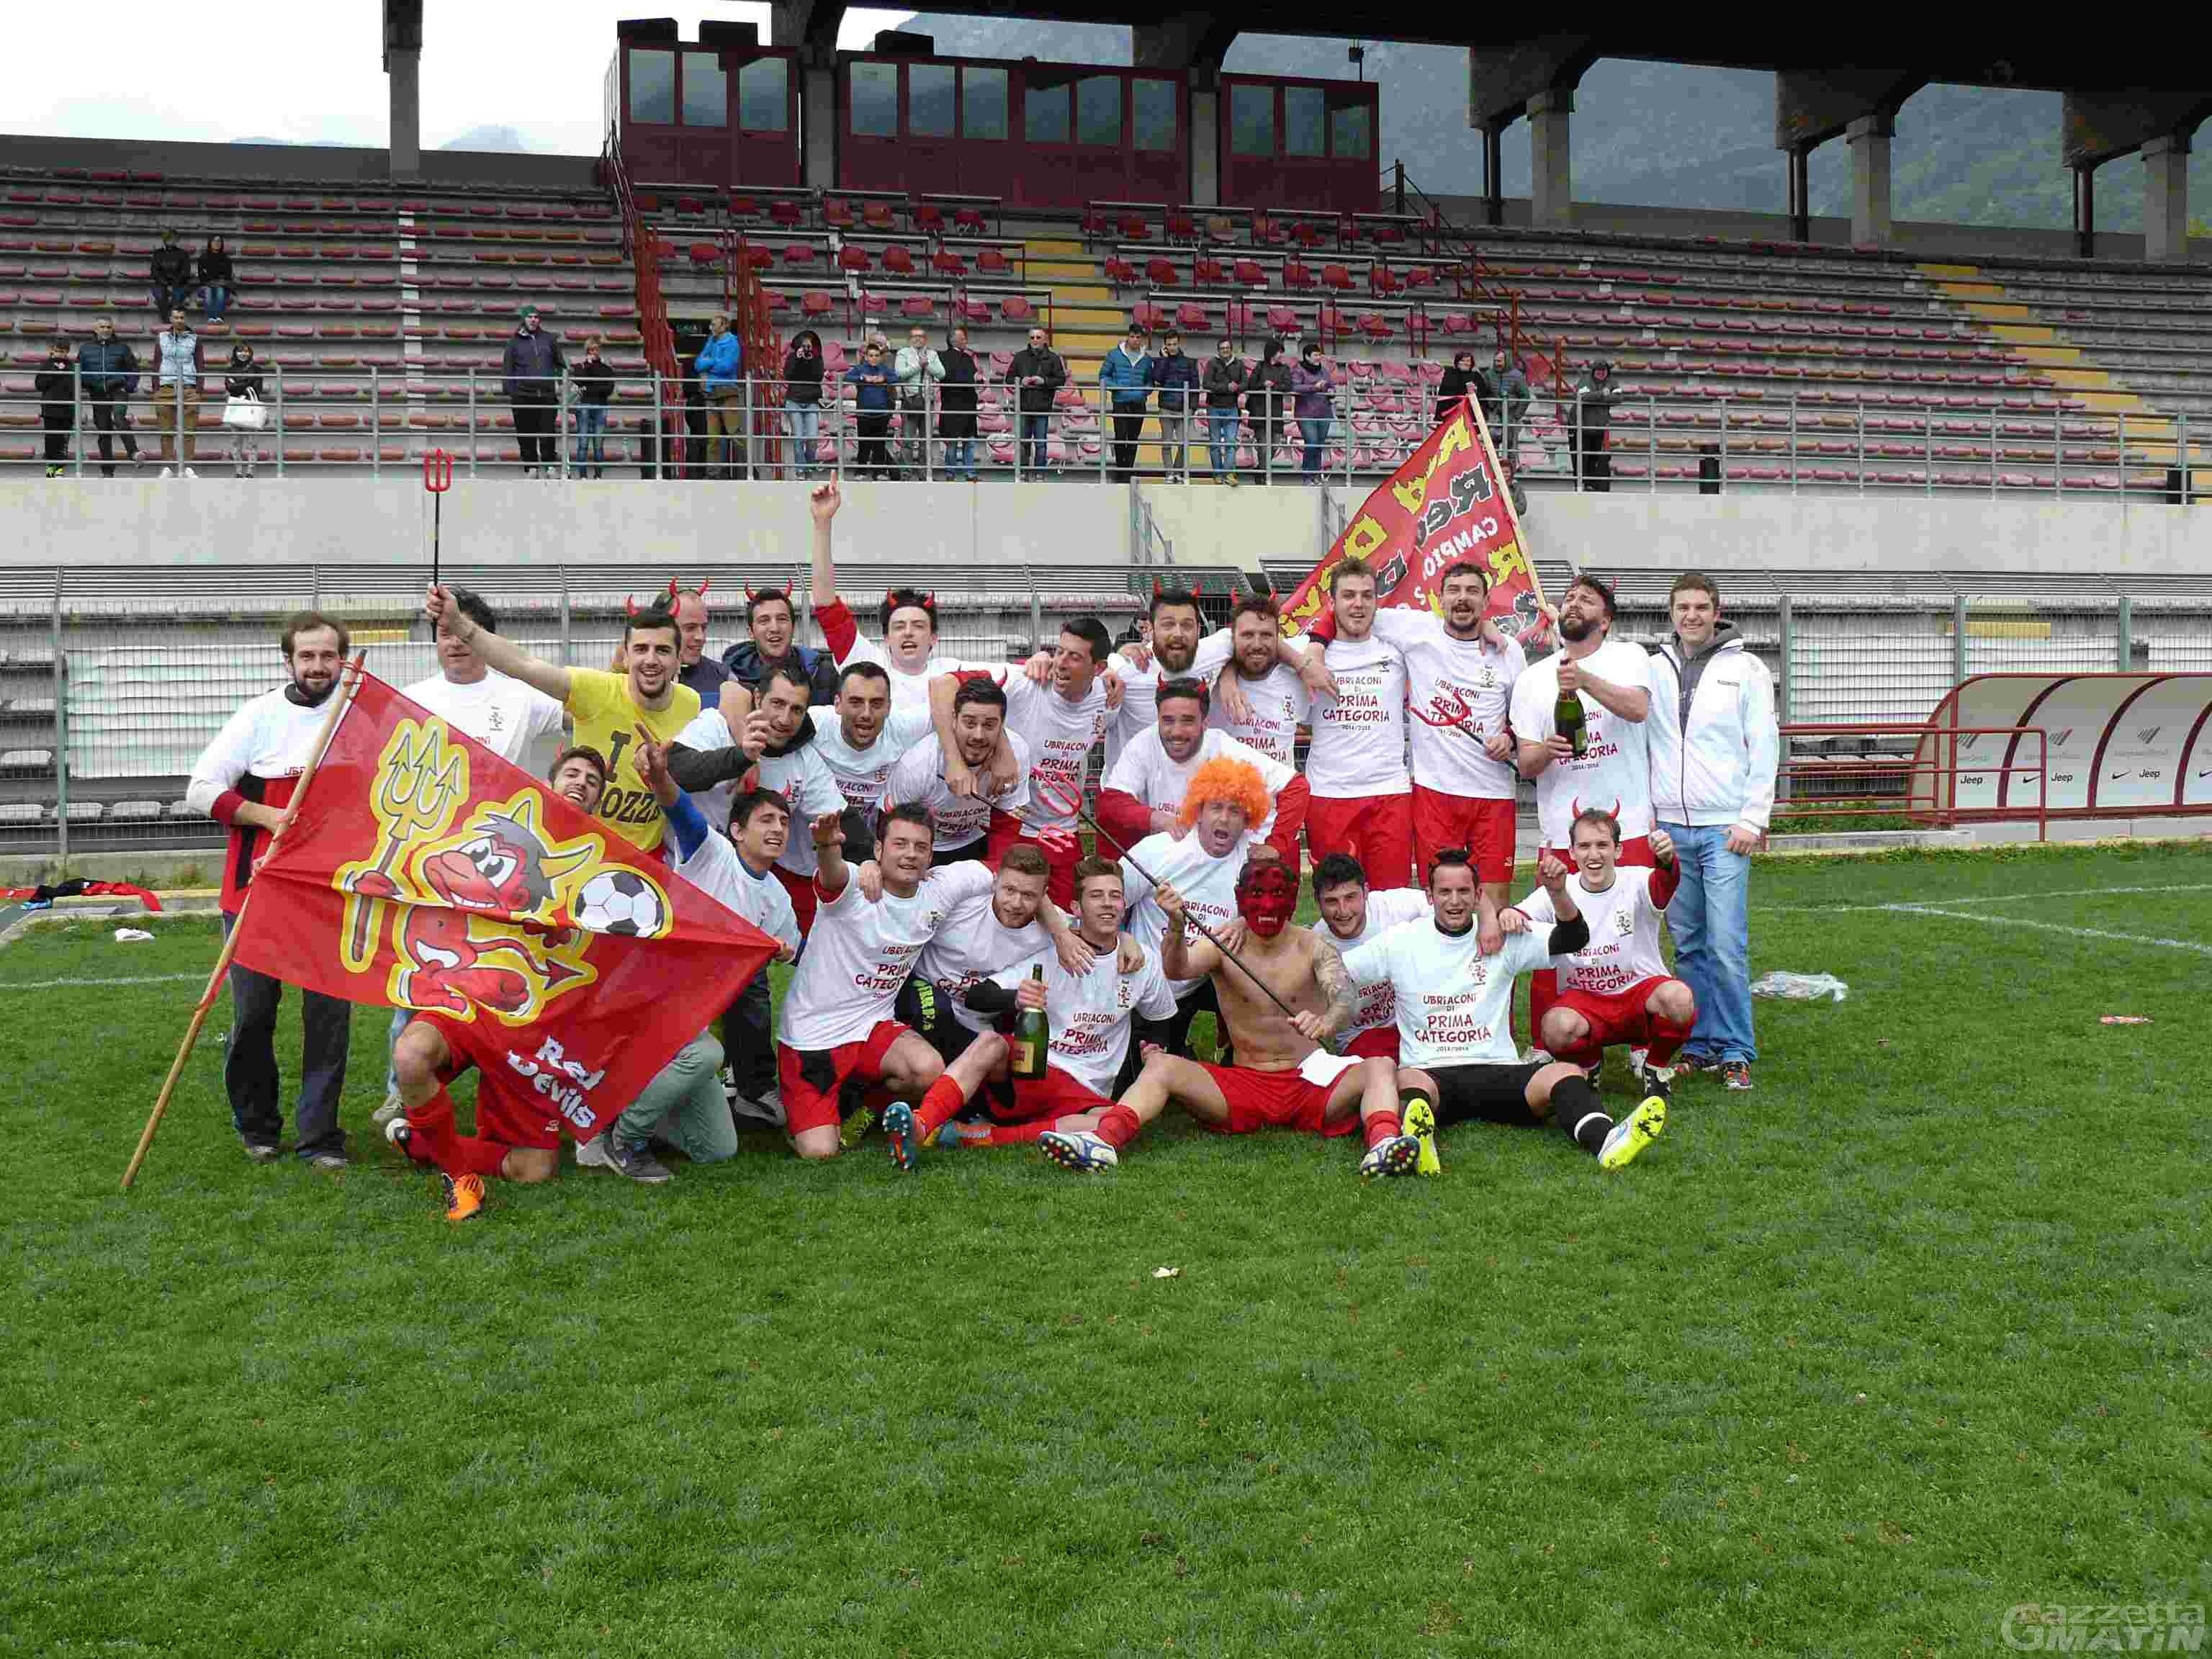 Calcio: fusione in bassa Valle, nascono i Red Devils Verrès